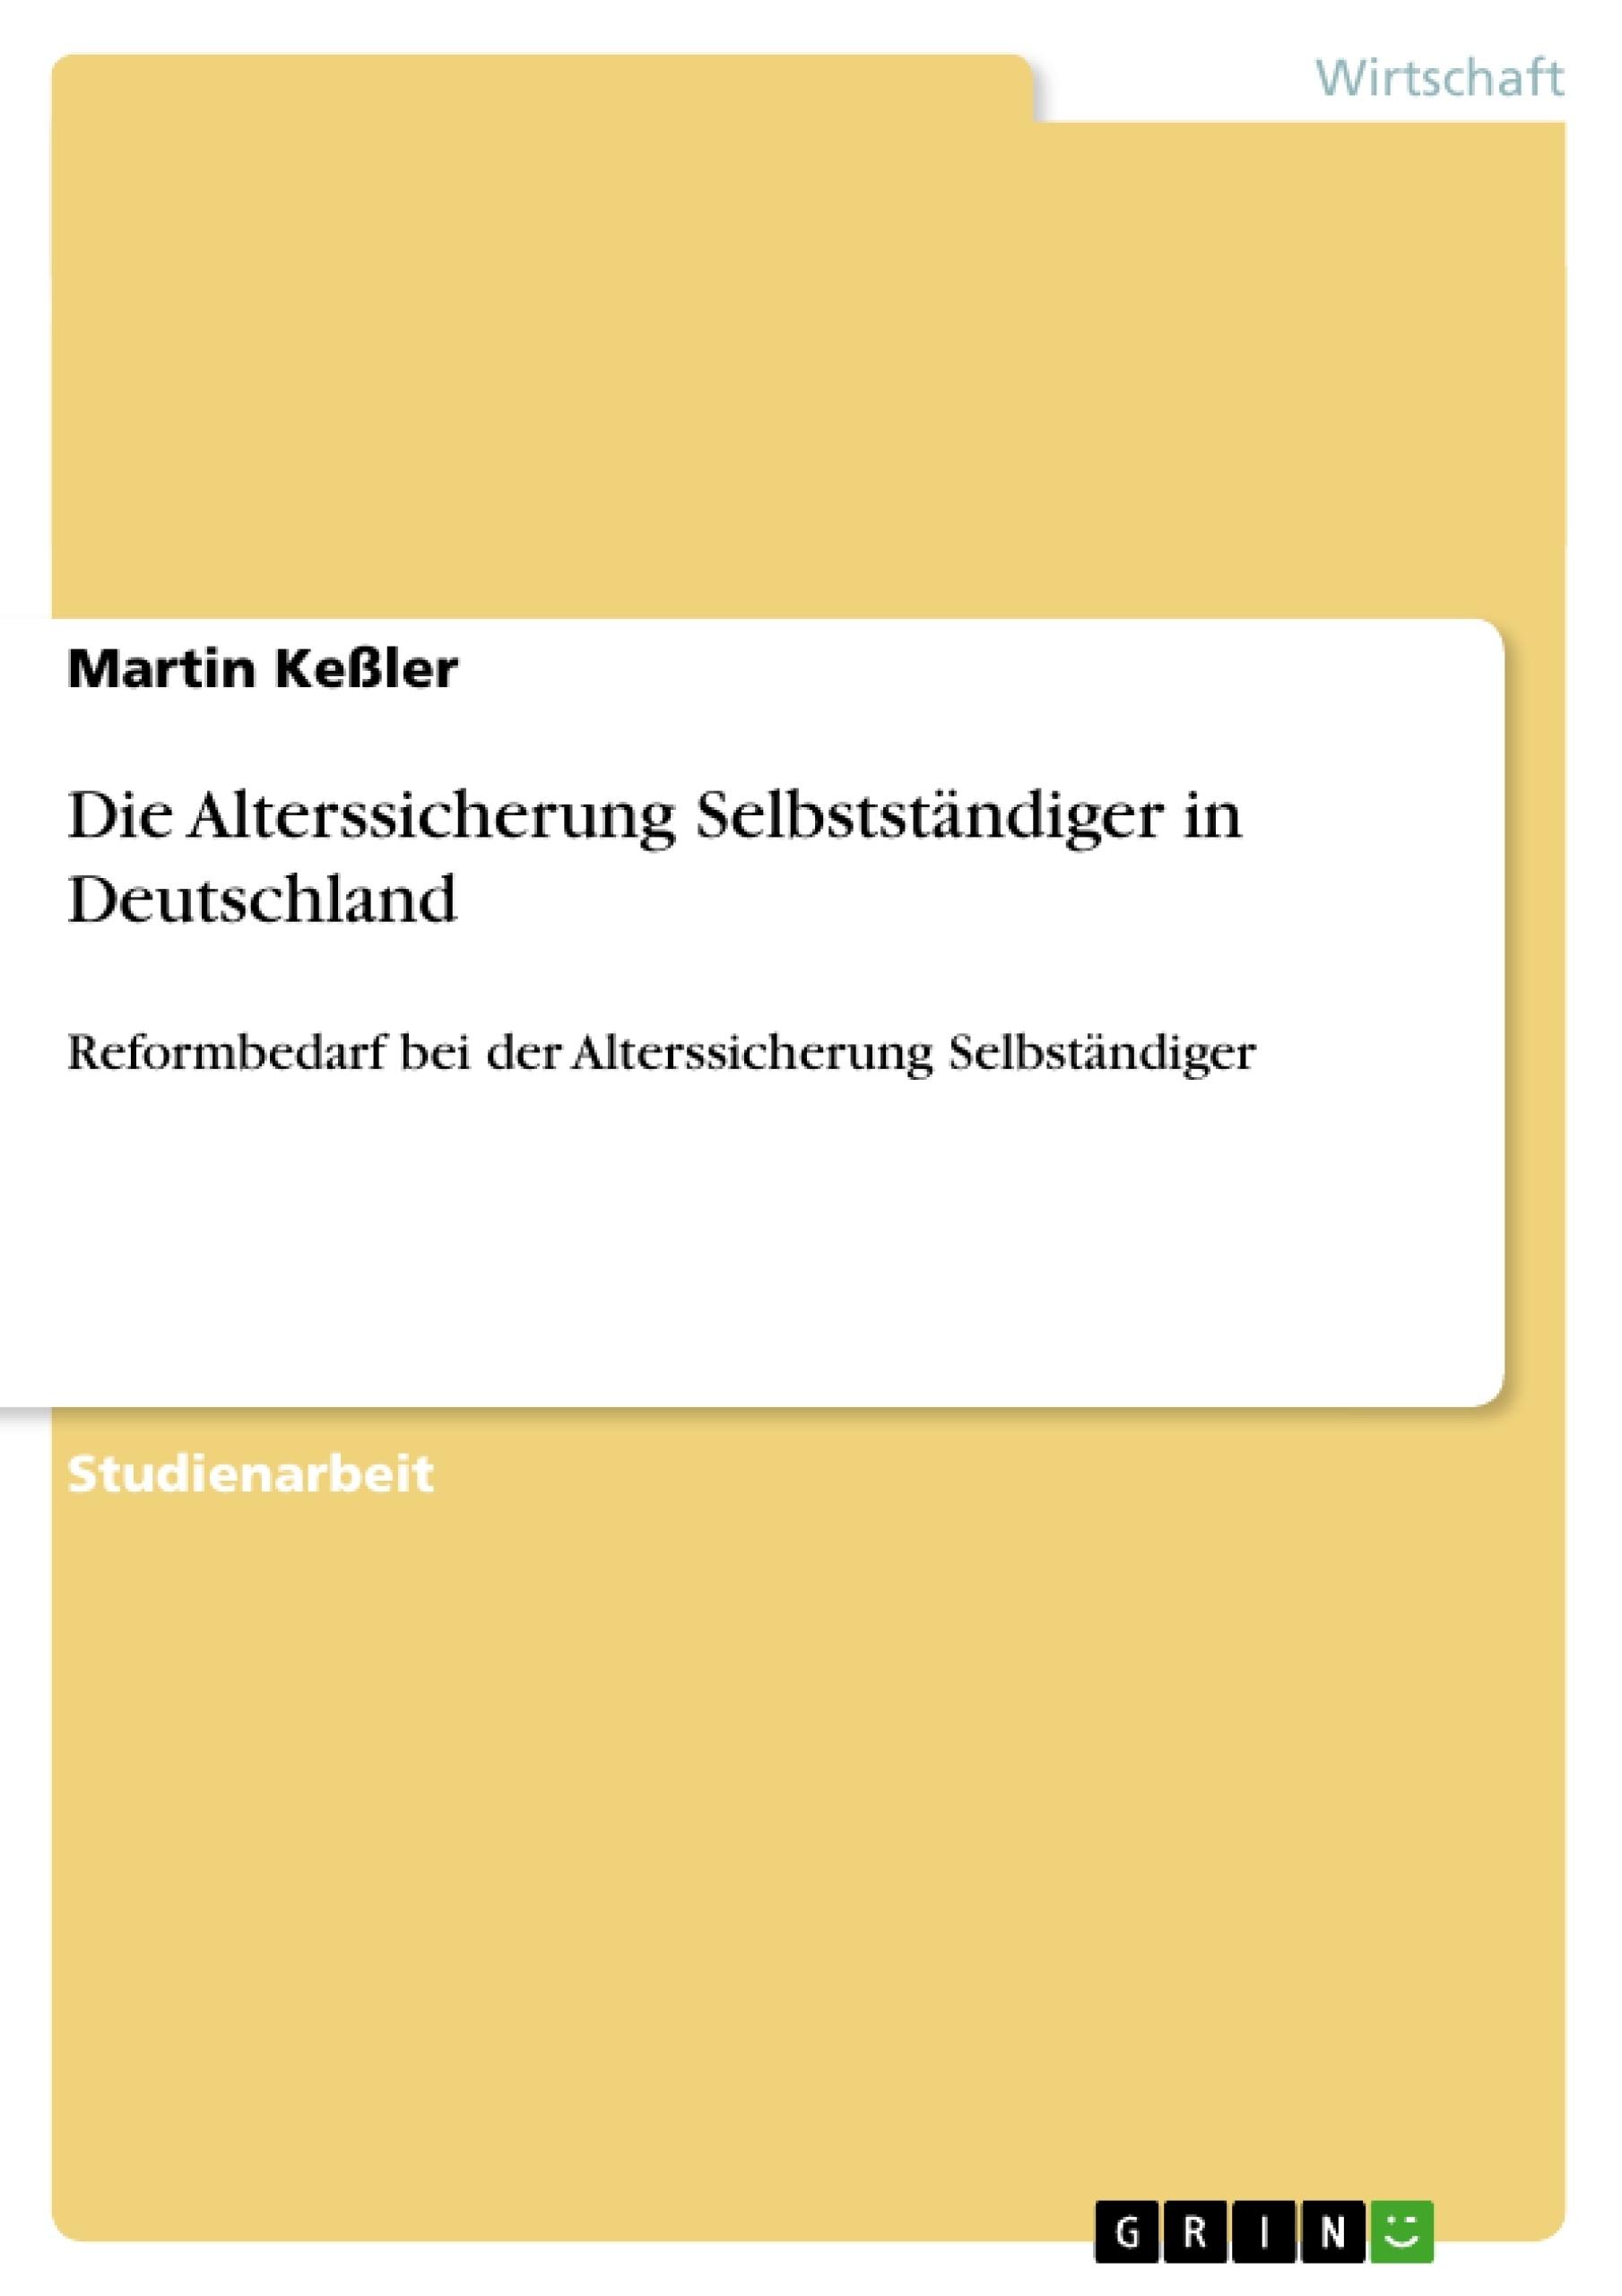 Titel: Die Alterssicherung Selbstständiger in Deutschland